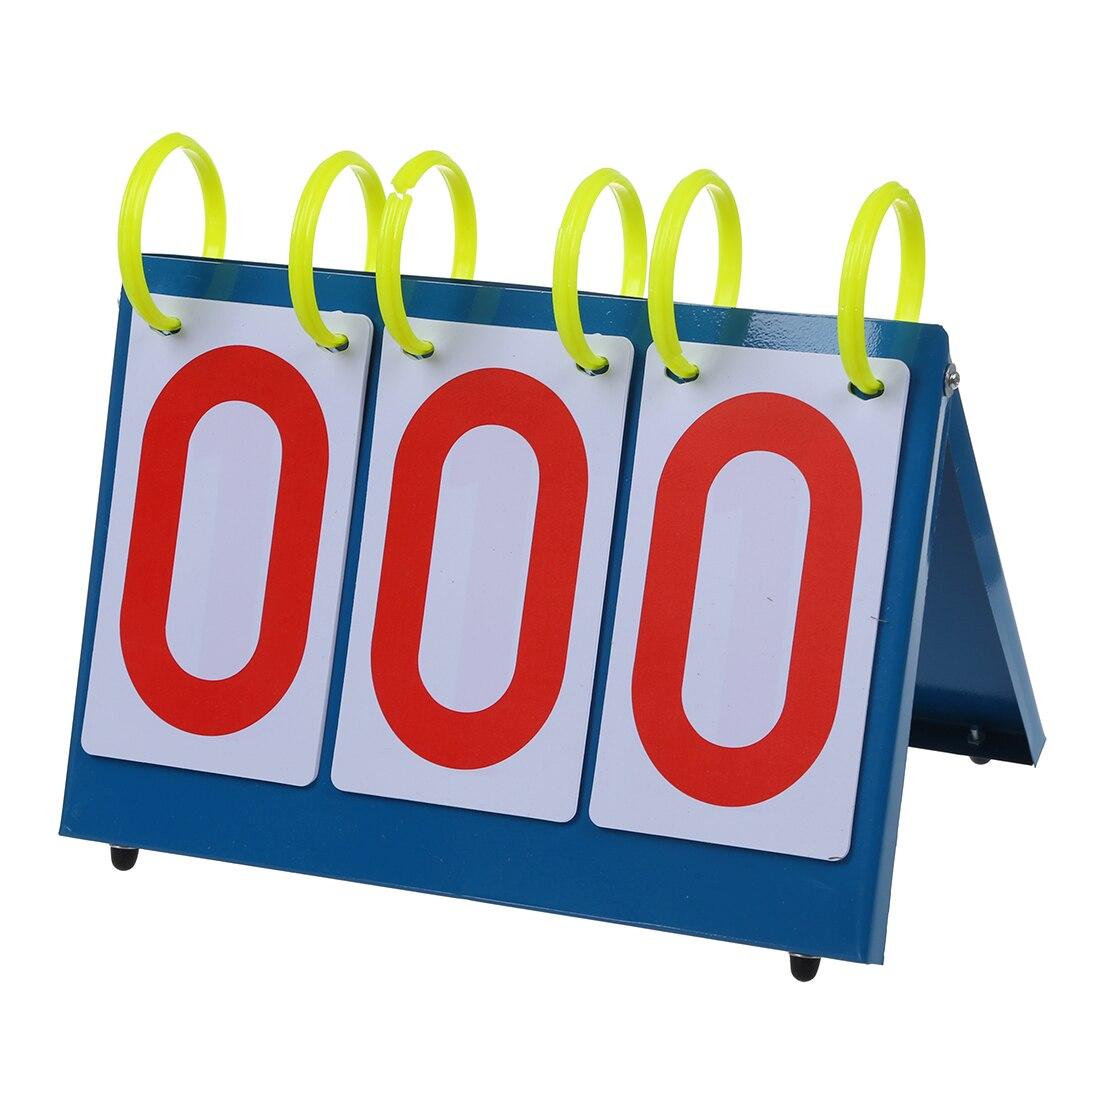 Multi-Purpose Sports Three Digit Flip Scoreboard for Knowledge Contest.